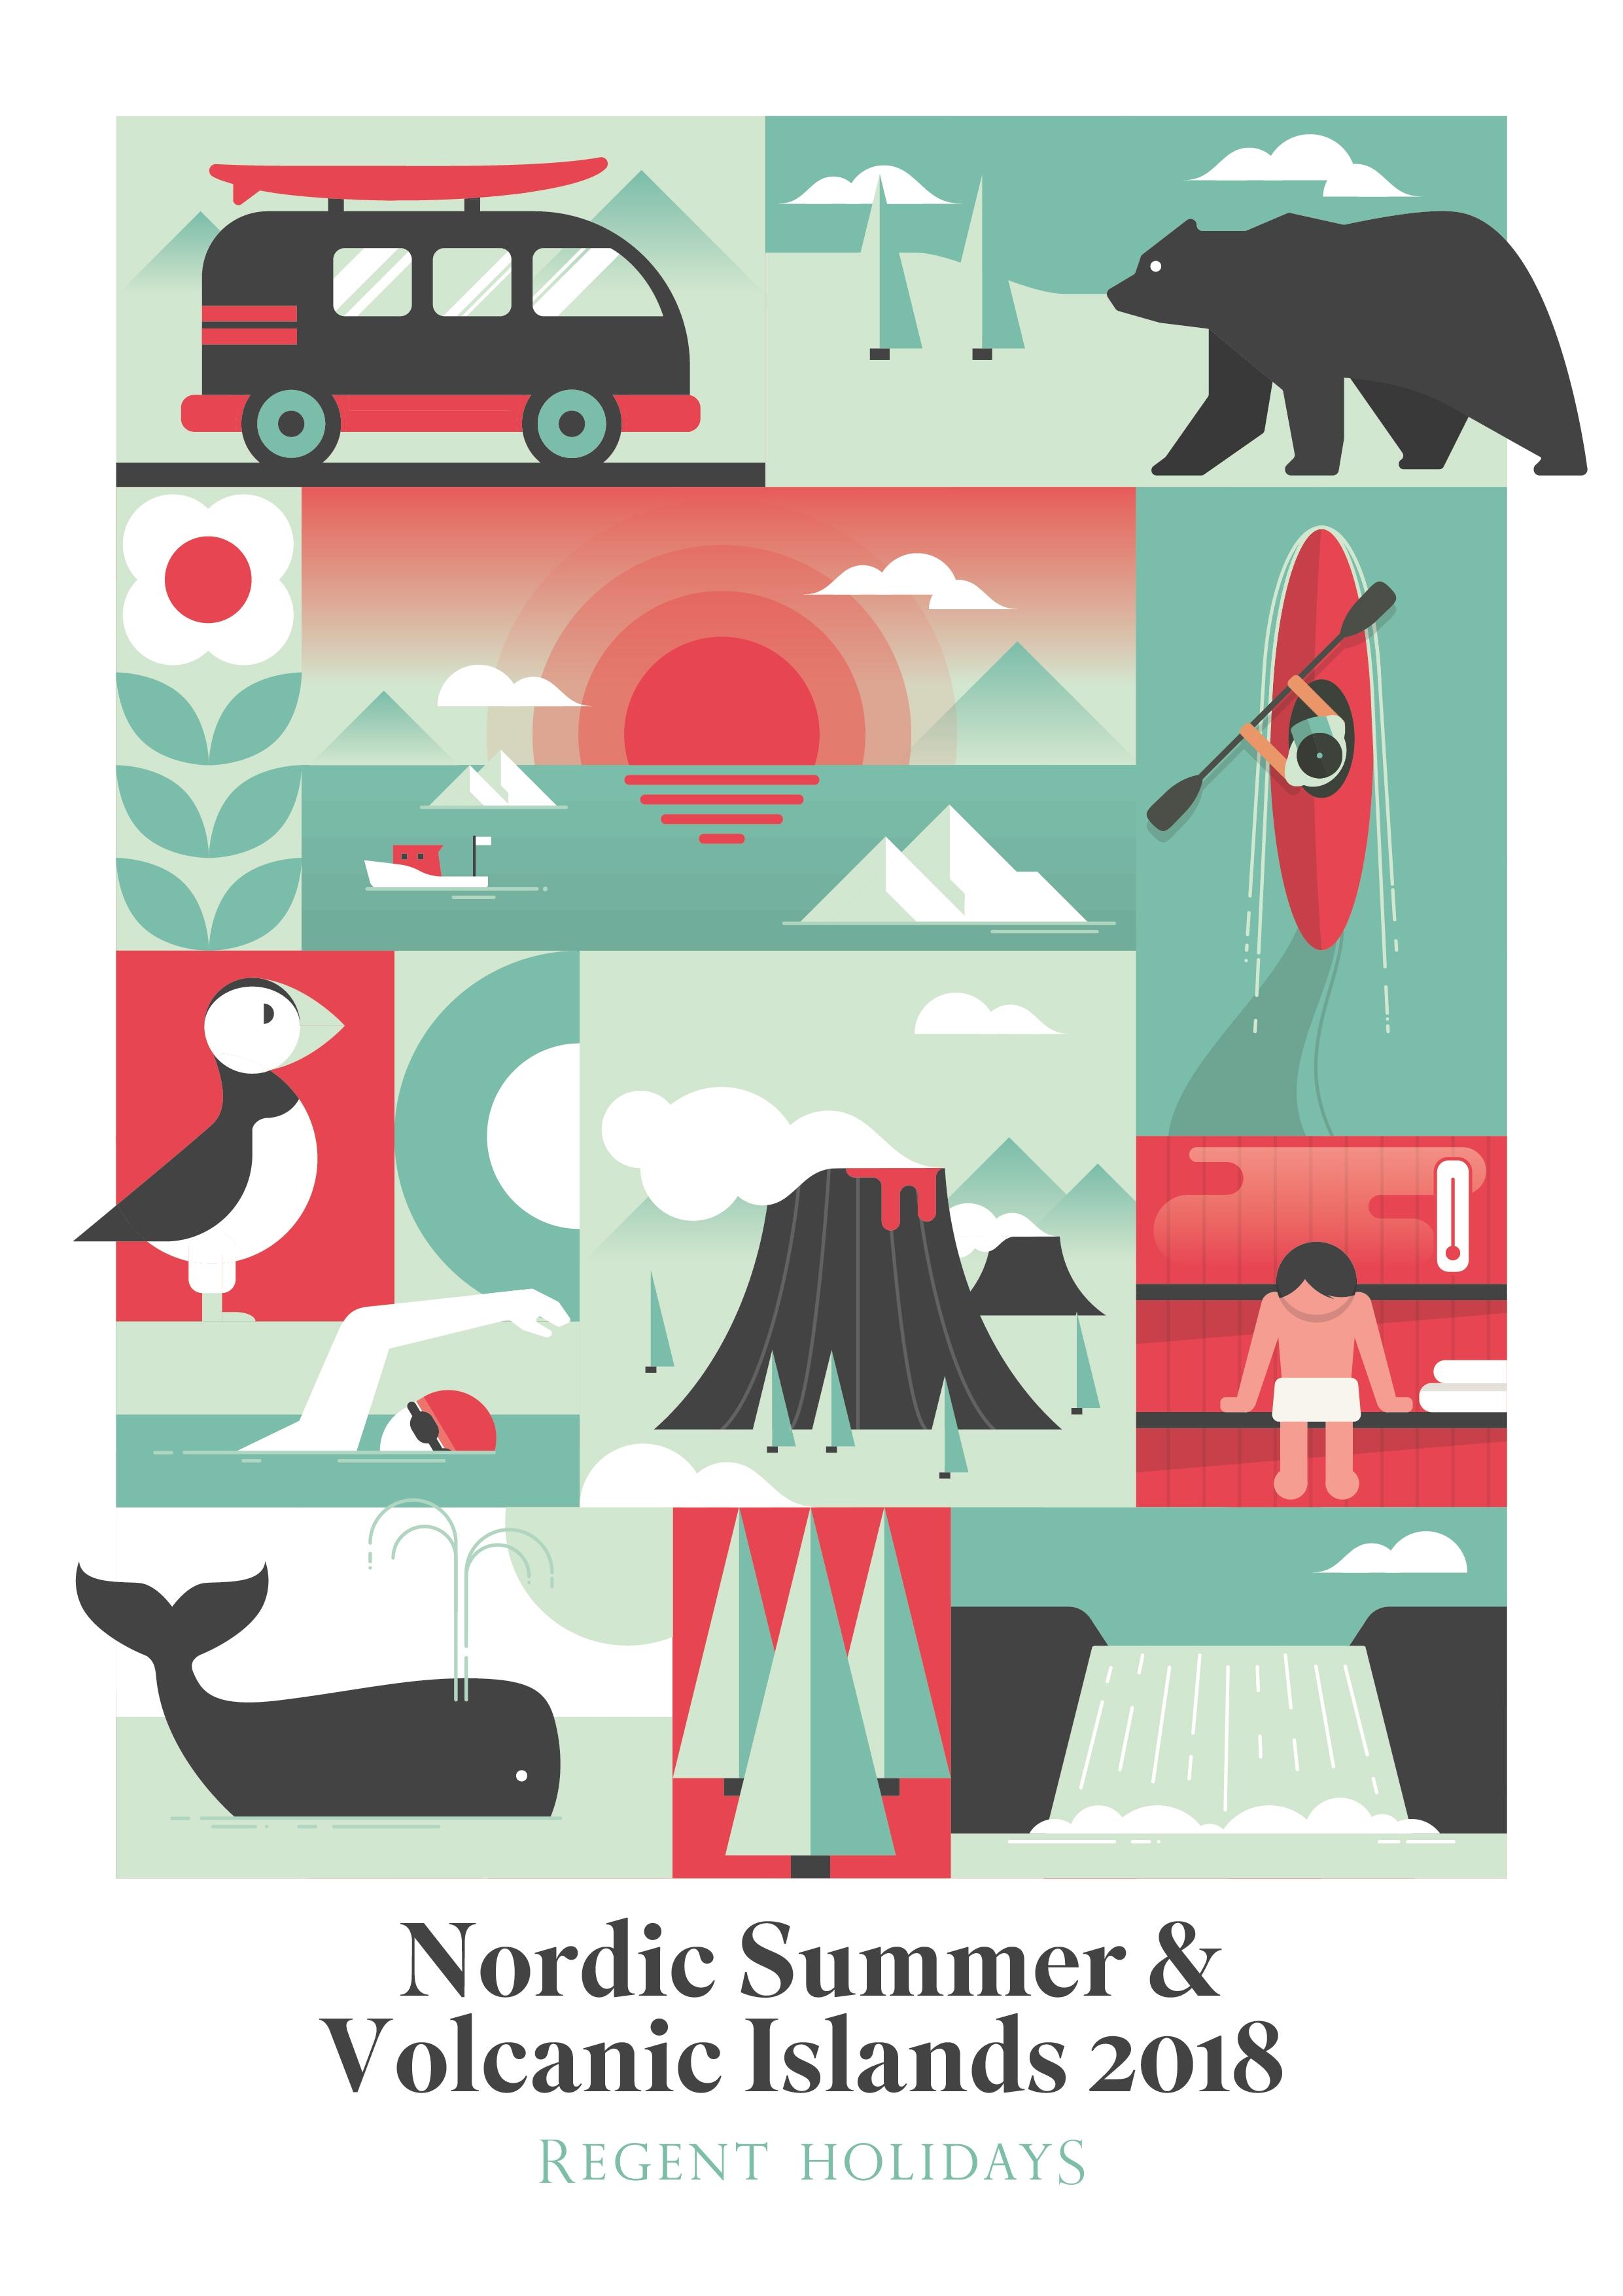 Nordic Summer & Volcanic Islands 2018